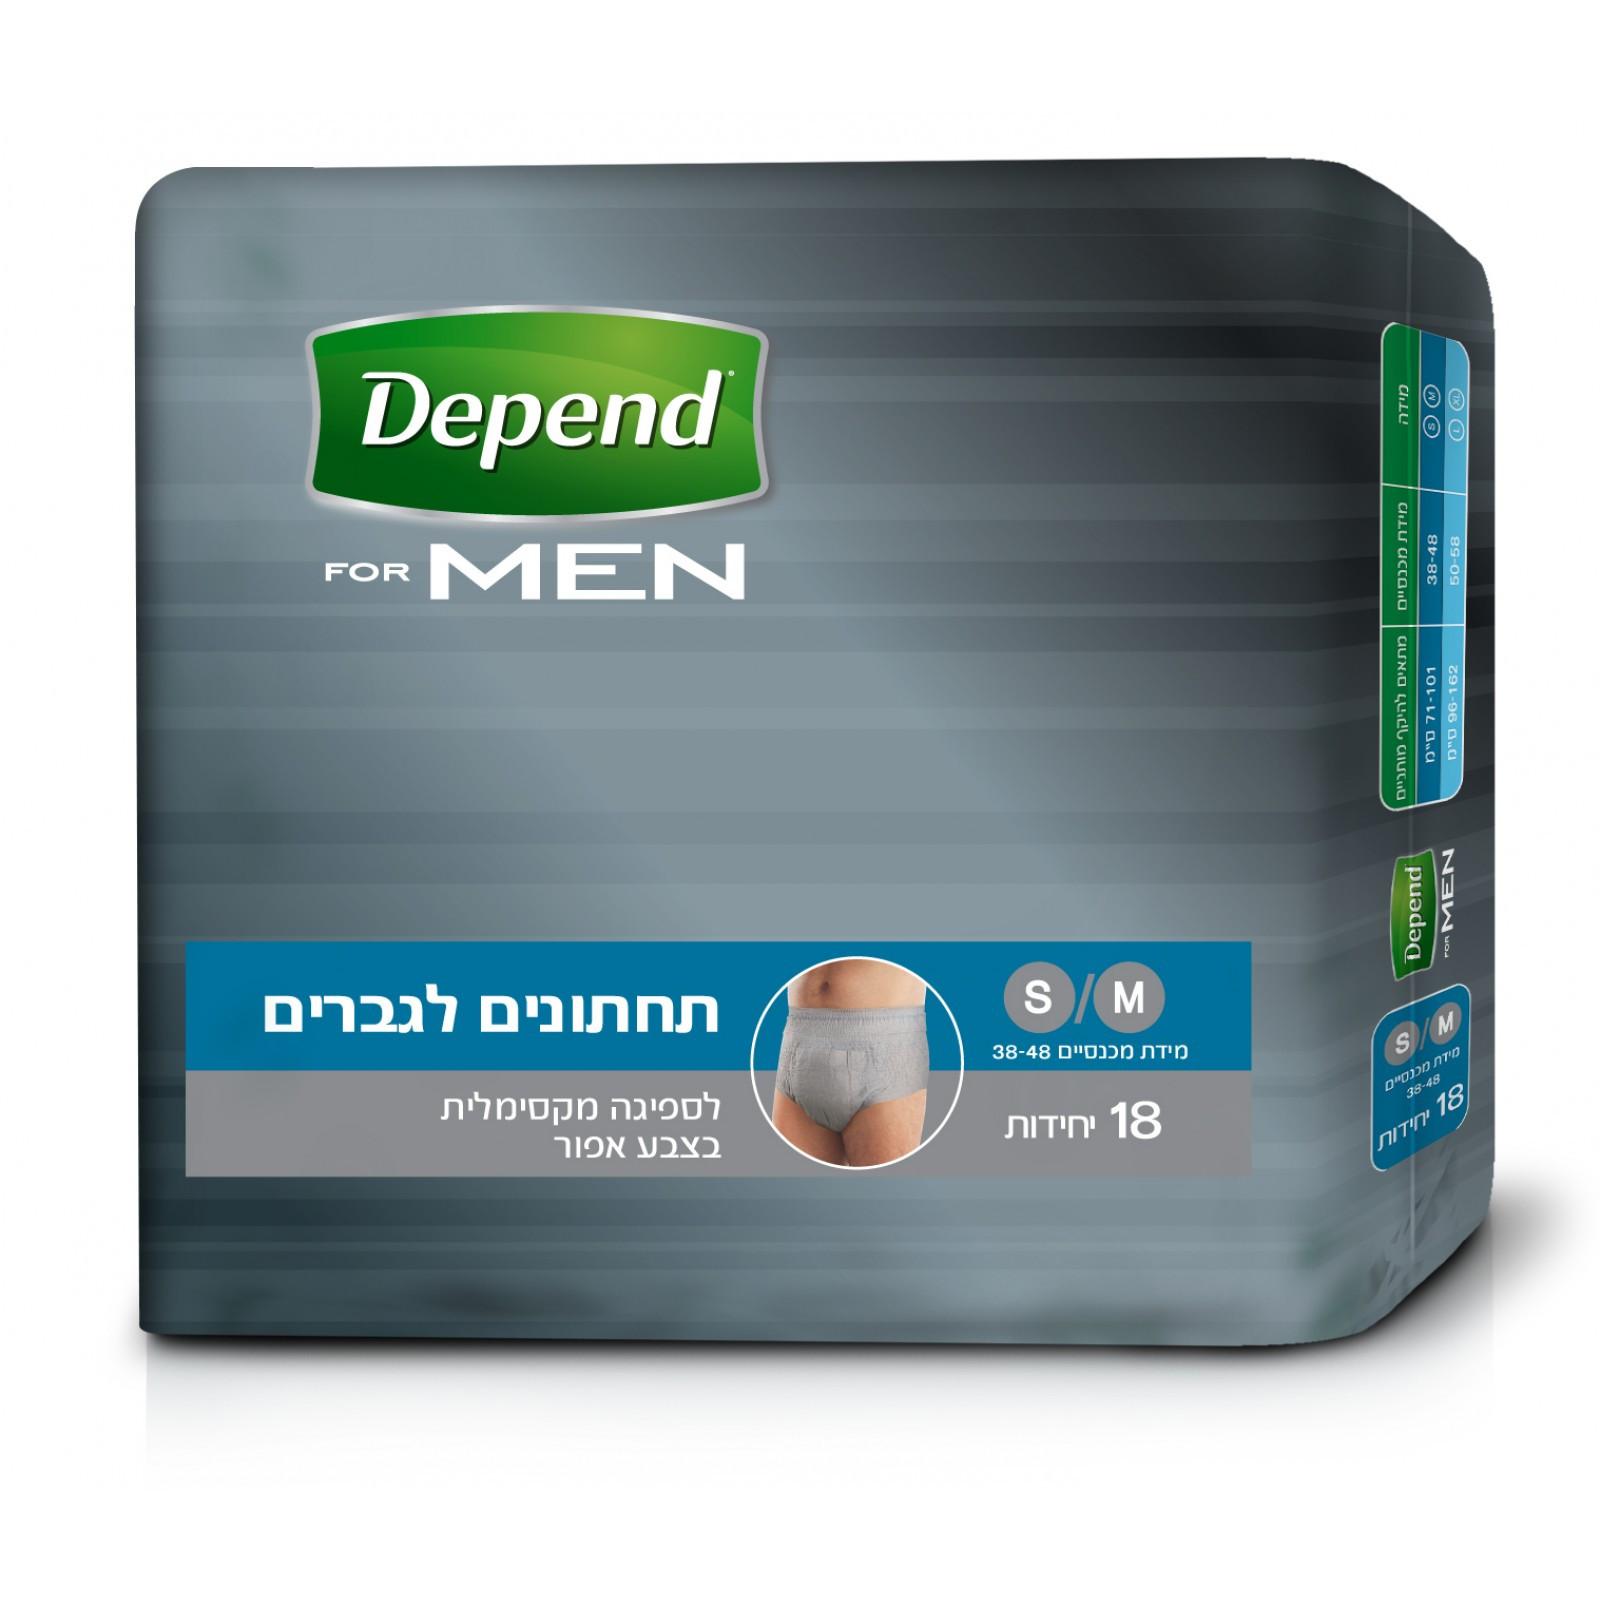 דיפנד 18 תחתונים סופגים לגברים   מידה S / M   רביעייה במבצע   DEPEND